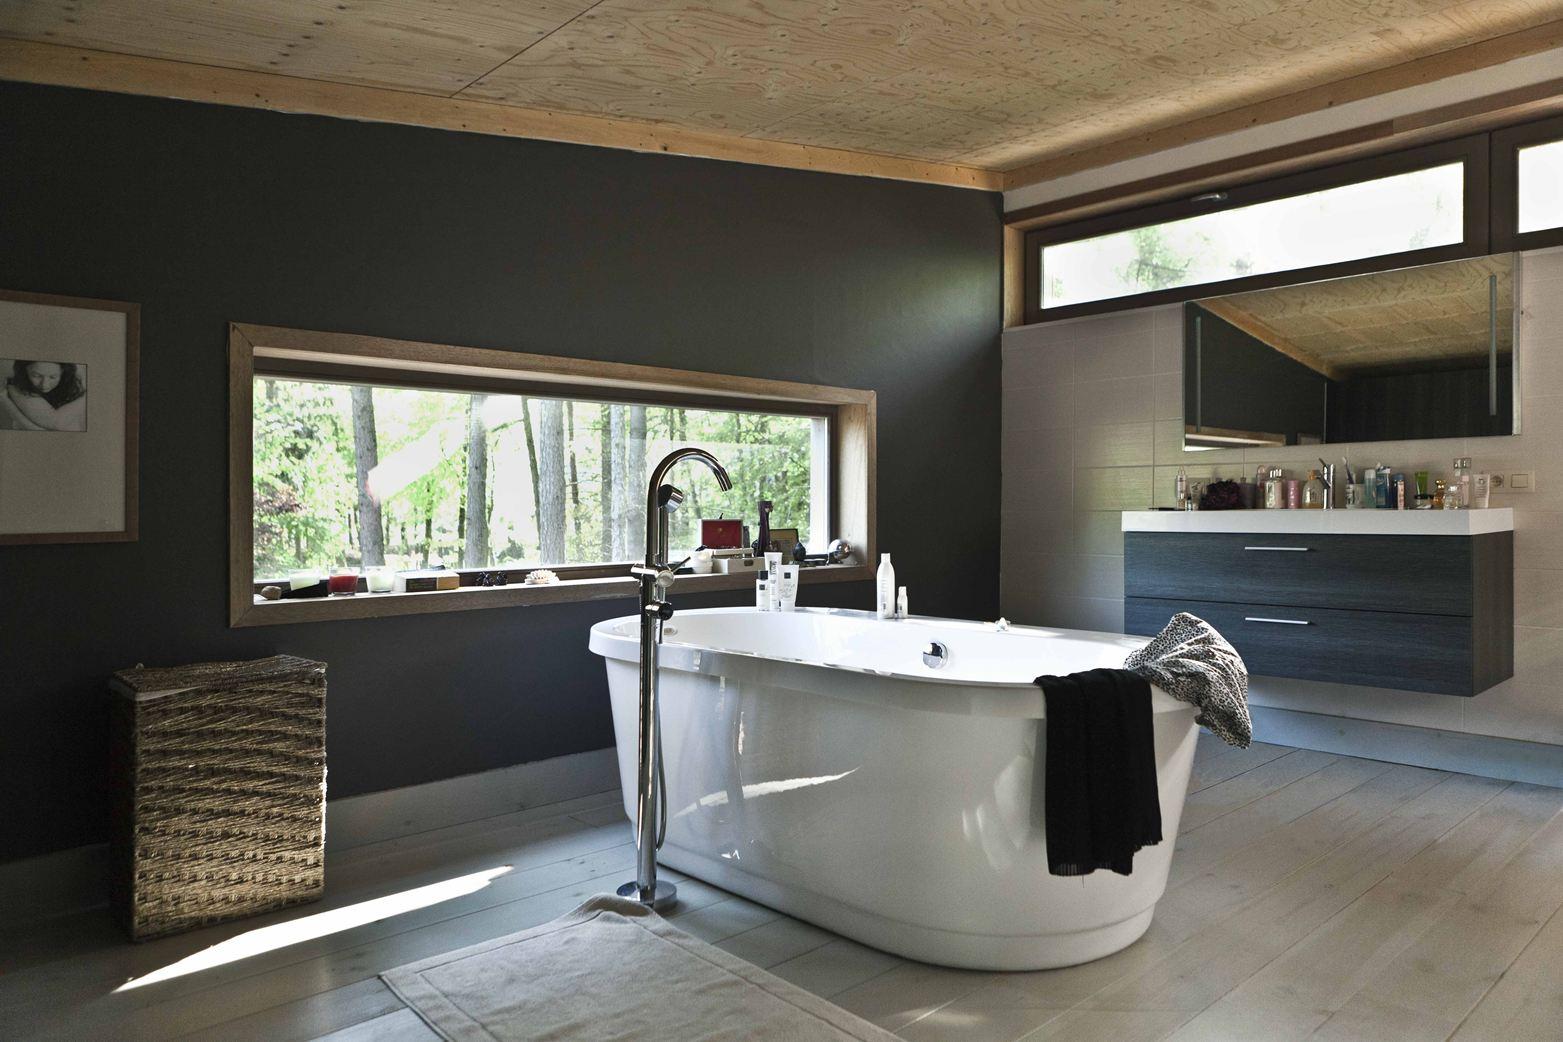 Wohnzimmercouch braun ihr traumhaus ideen for Badezimmer design app